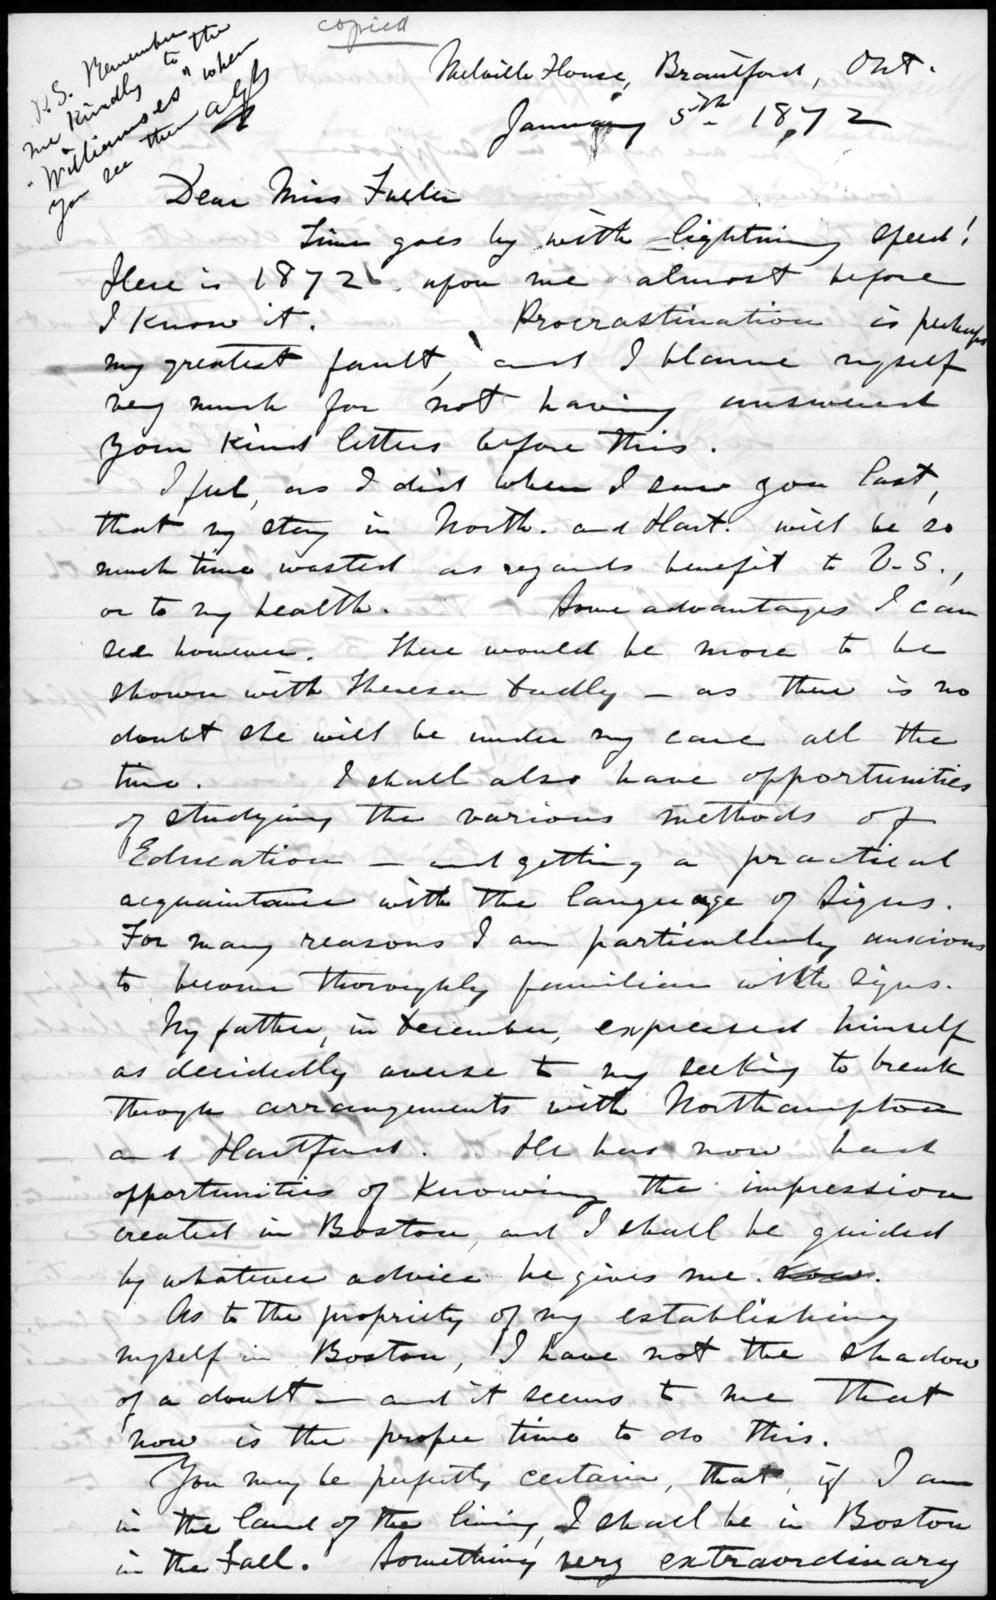 Letter from Alexander Graham Bell to Sarah Fuller, January 5, 1872